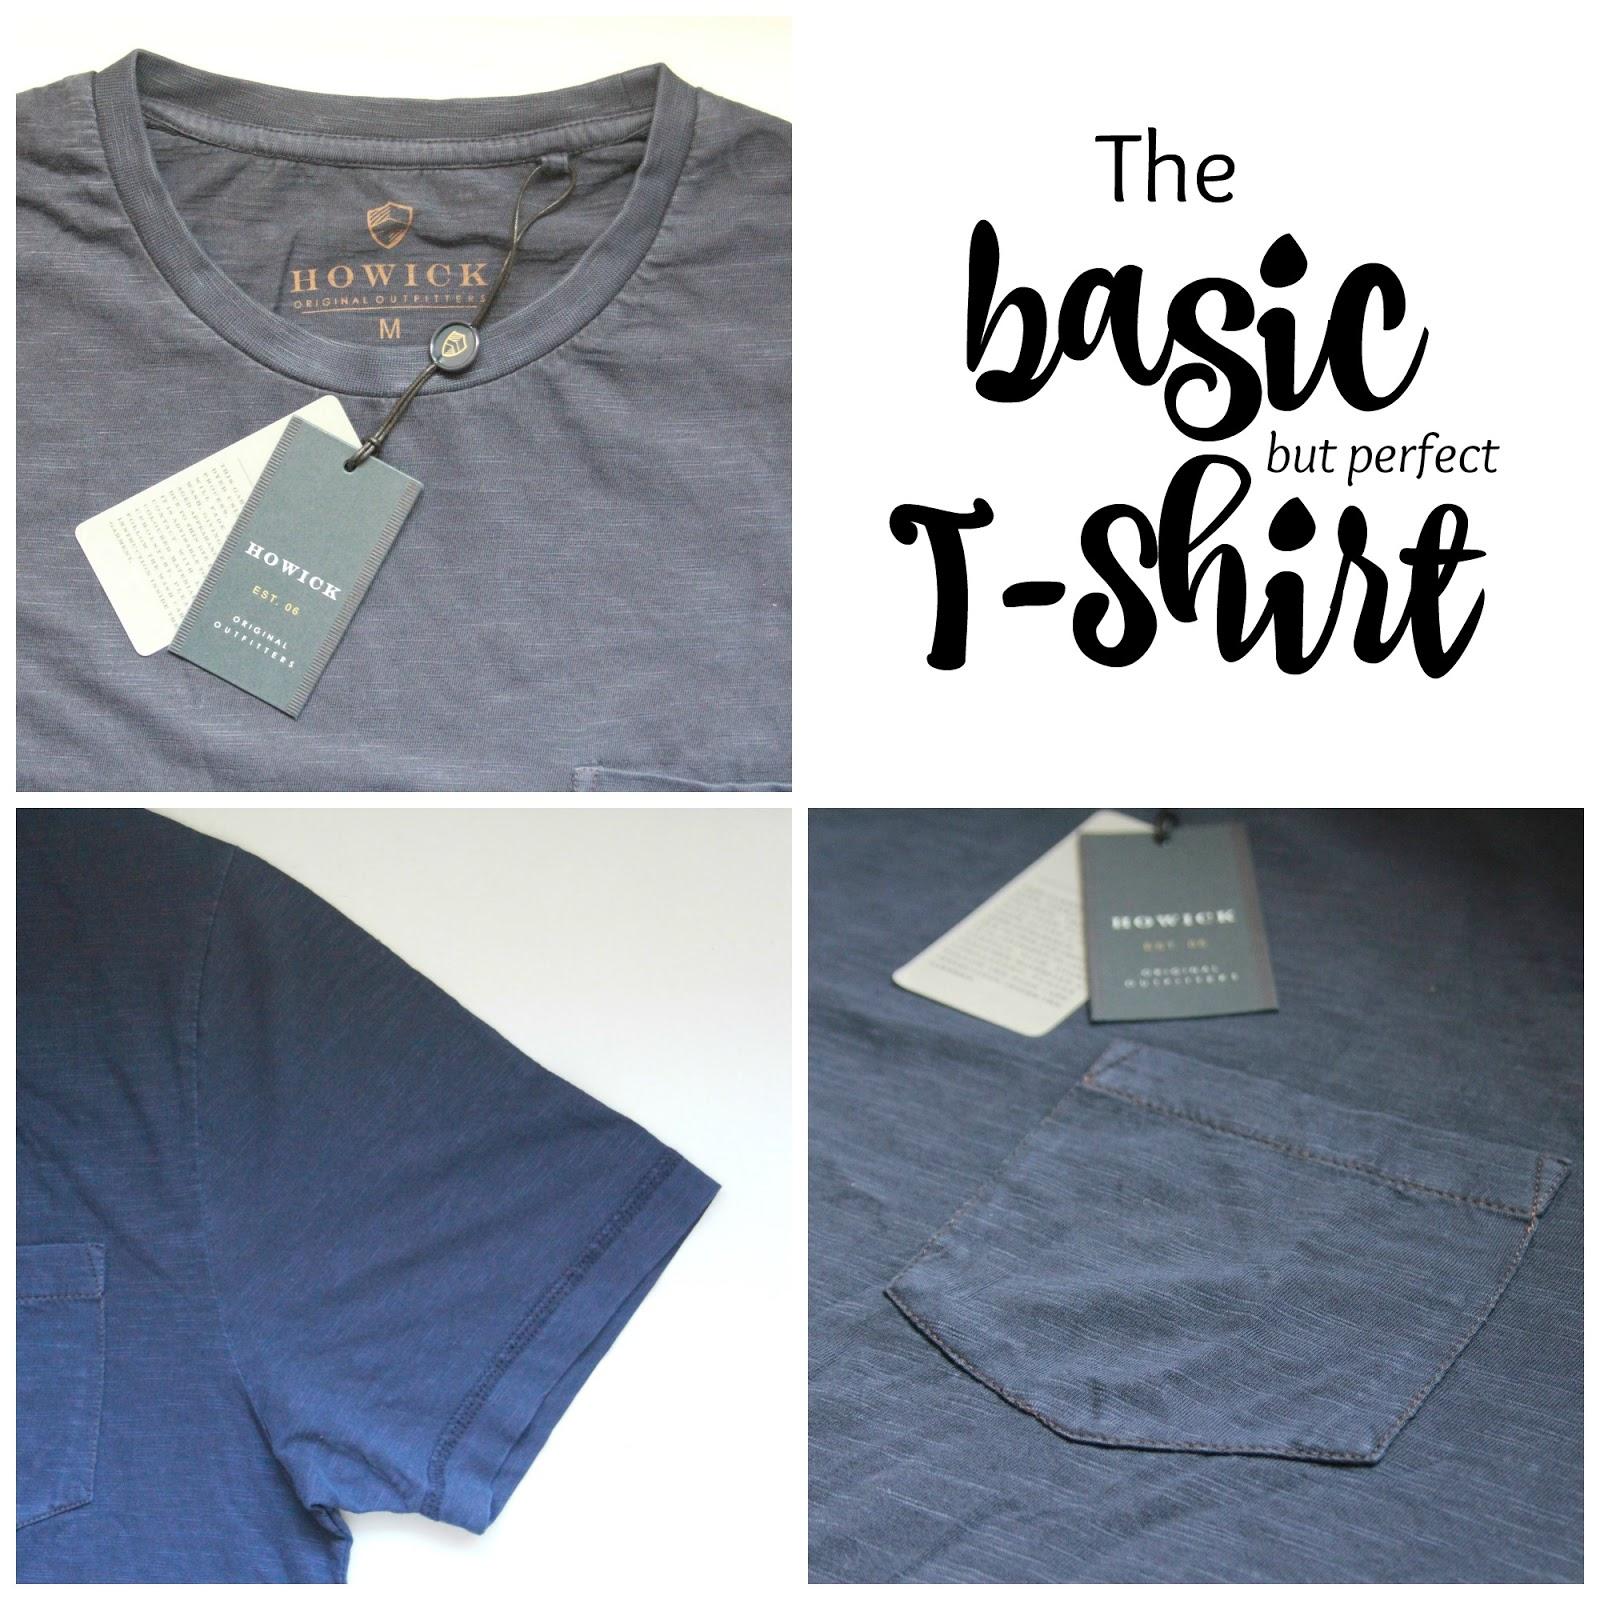 Howick Men's T-shirt